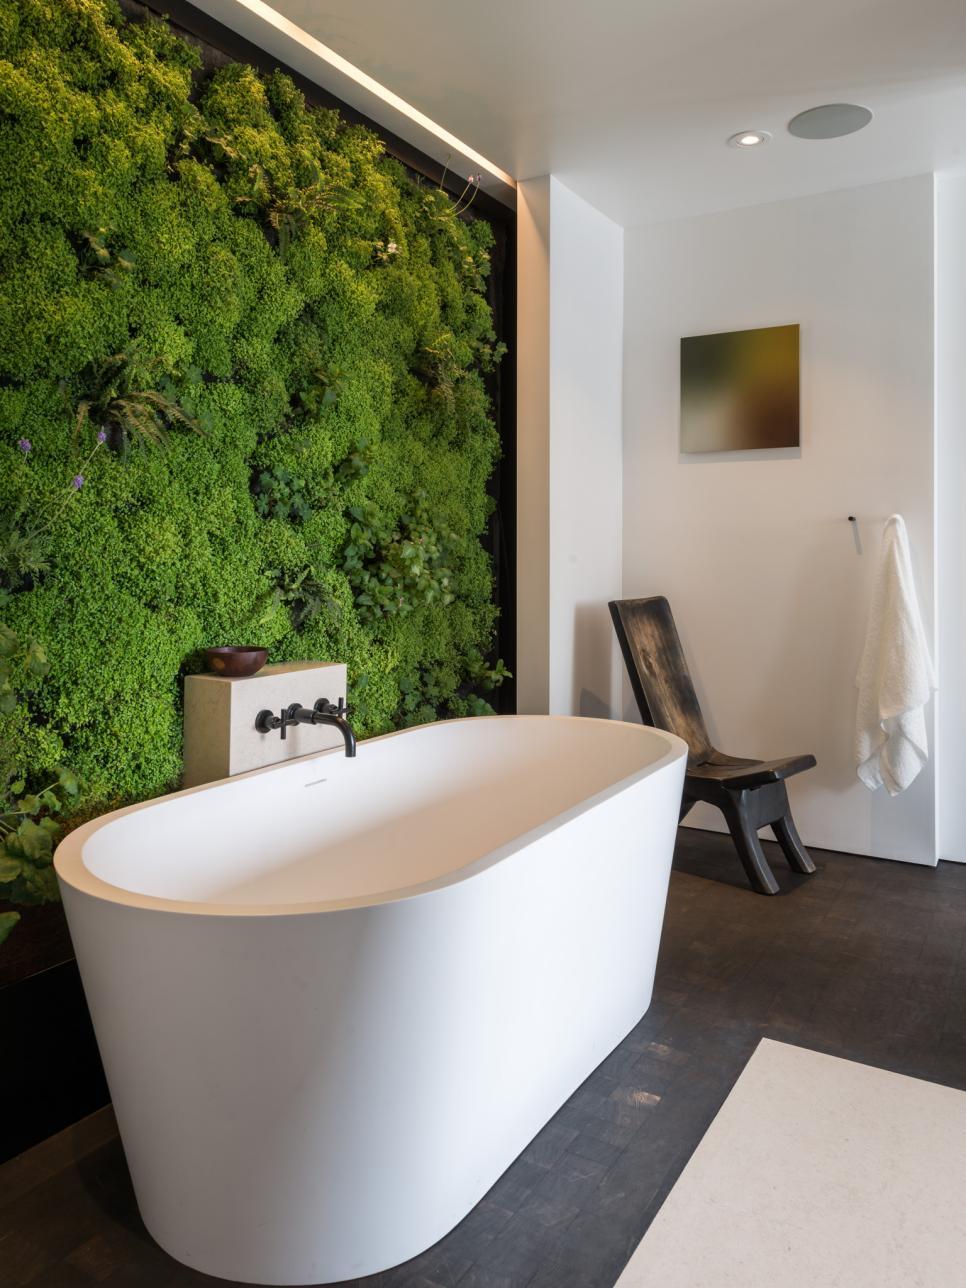 Ванная без раковины в стиле эко